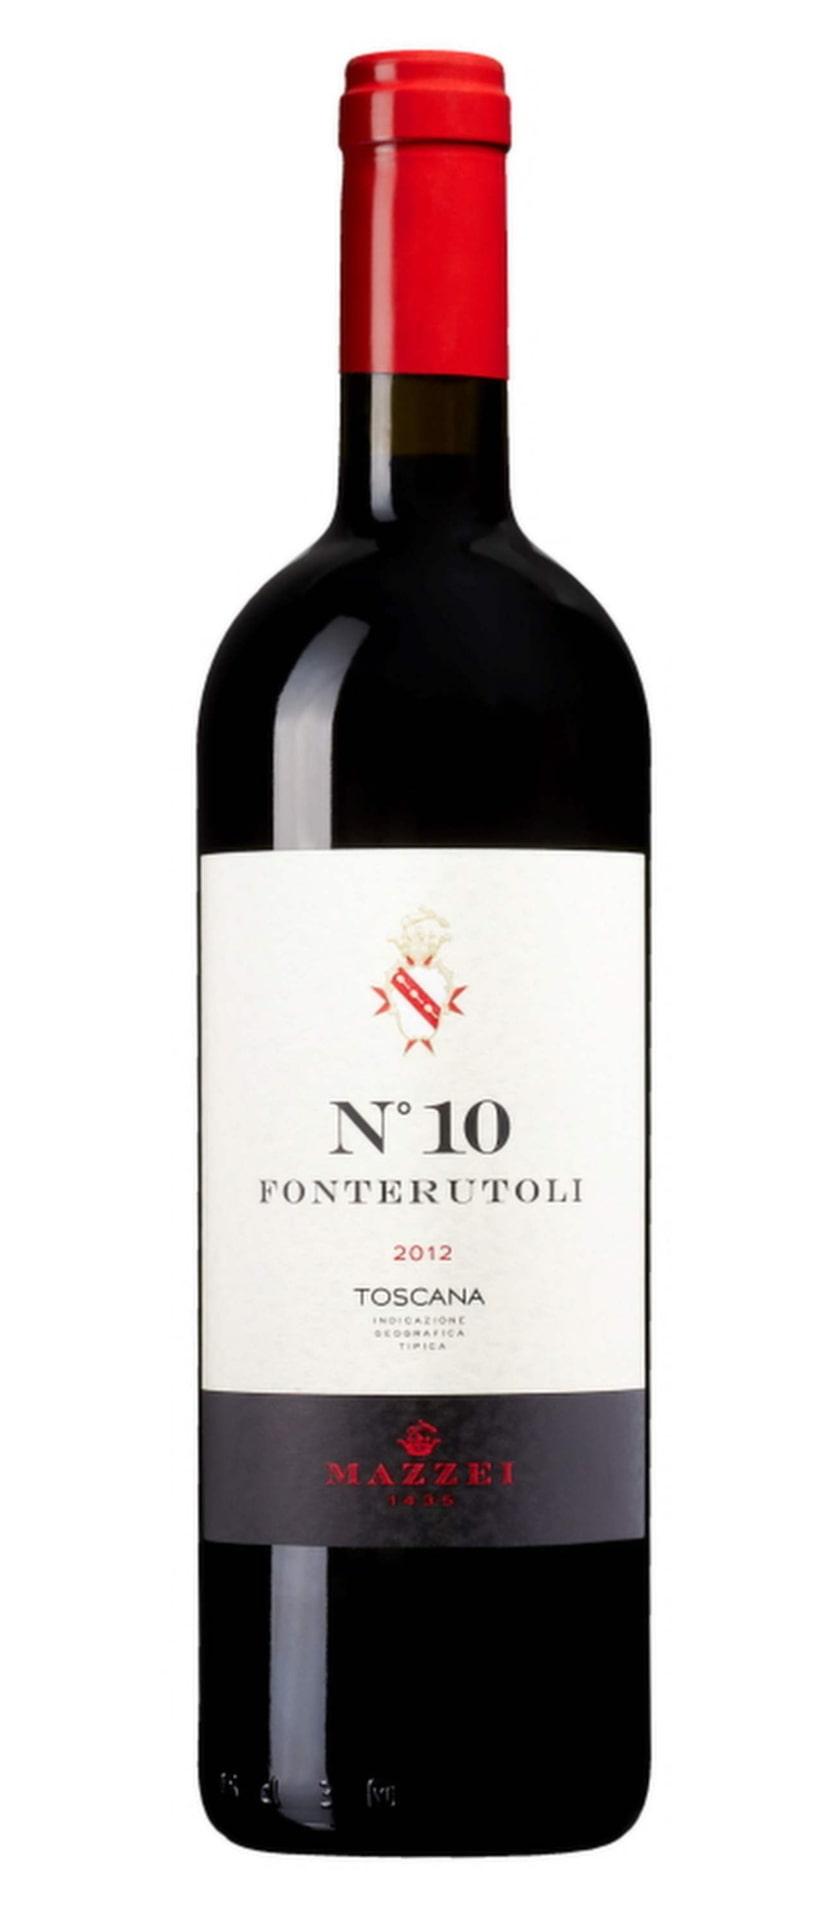 RöttFonterutoli No10 2012(71062) Toscana, 121 krKoncentrerat och charmigt med toner av blåbär, korinter och fint kryddiga toner. Passar till pizza med bresaola, purjolök och pinjenötter.